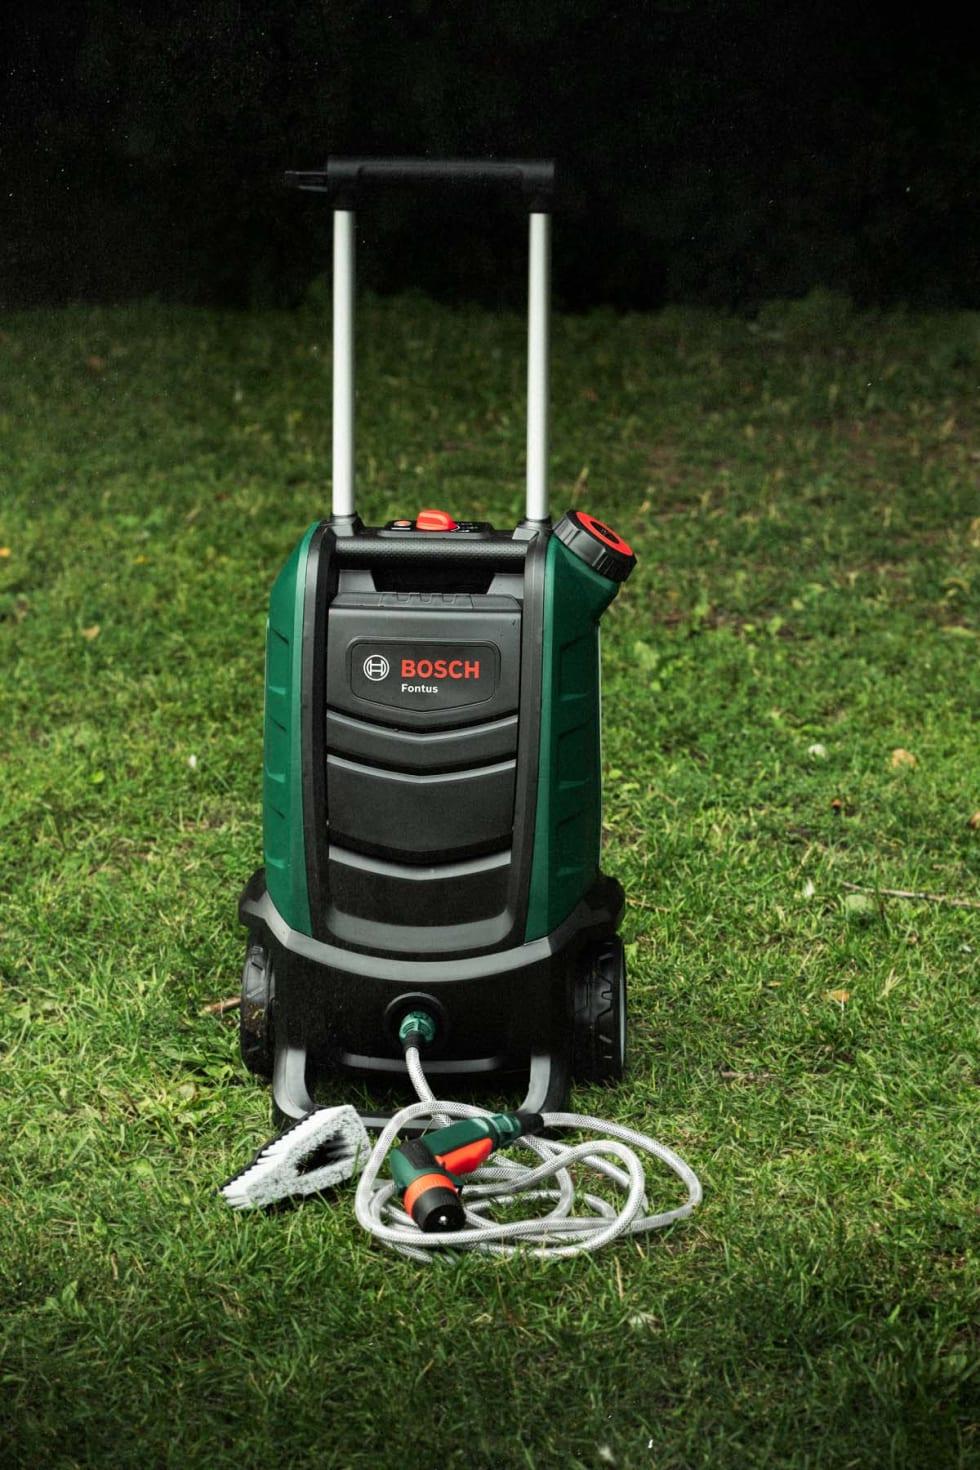 HAGEKLAR: Bosch Fontus er stor med solid kvalitetsfølelse. 15 liter vanntank og 60 minutter batteritid gjør det lett å få sykkelen helt ren